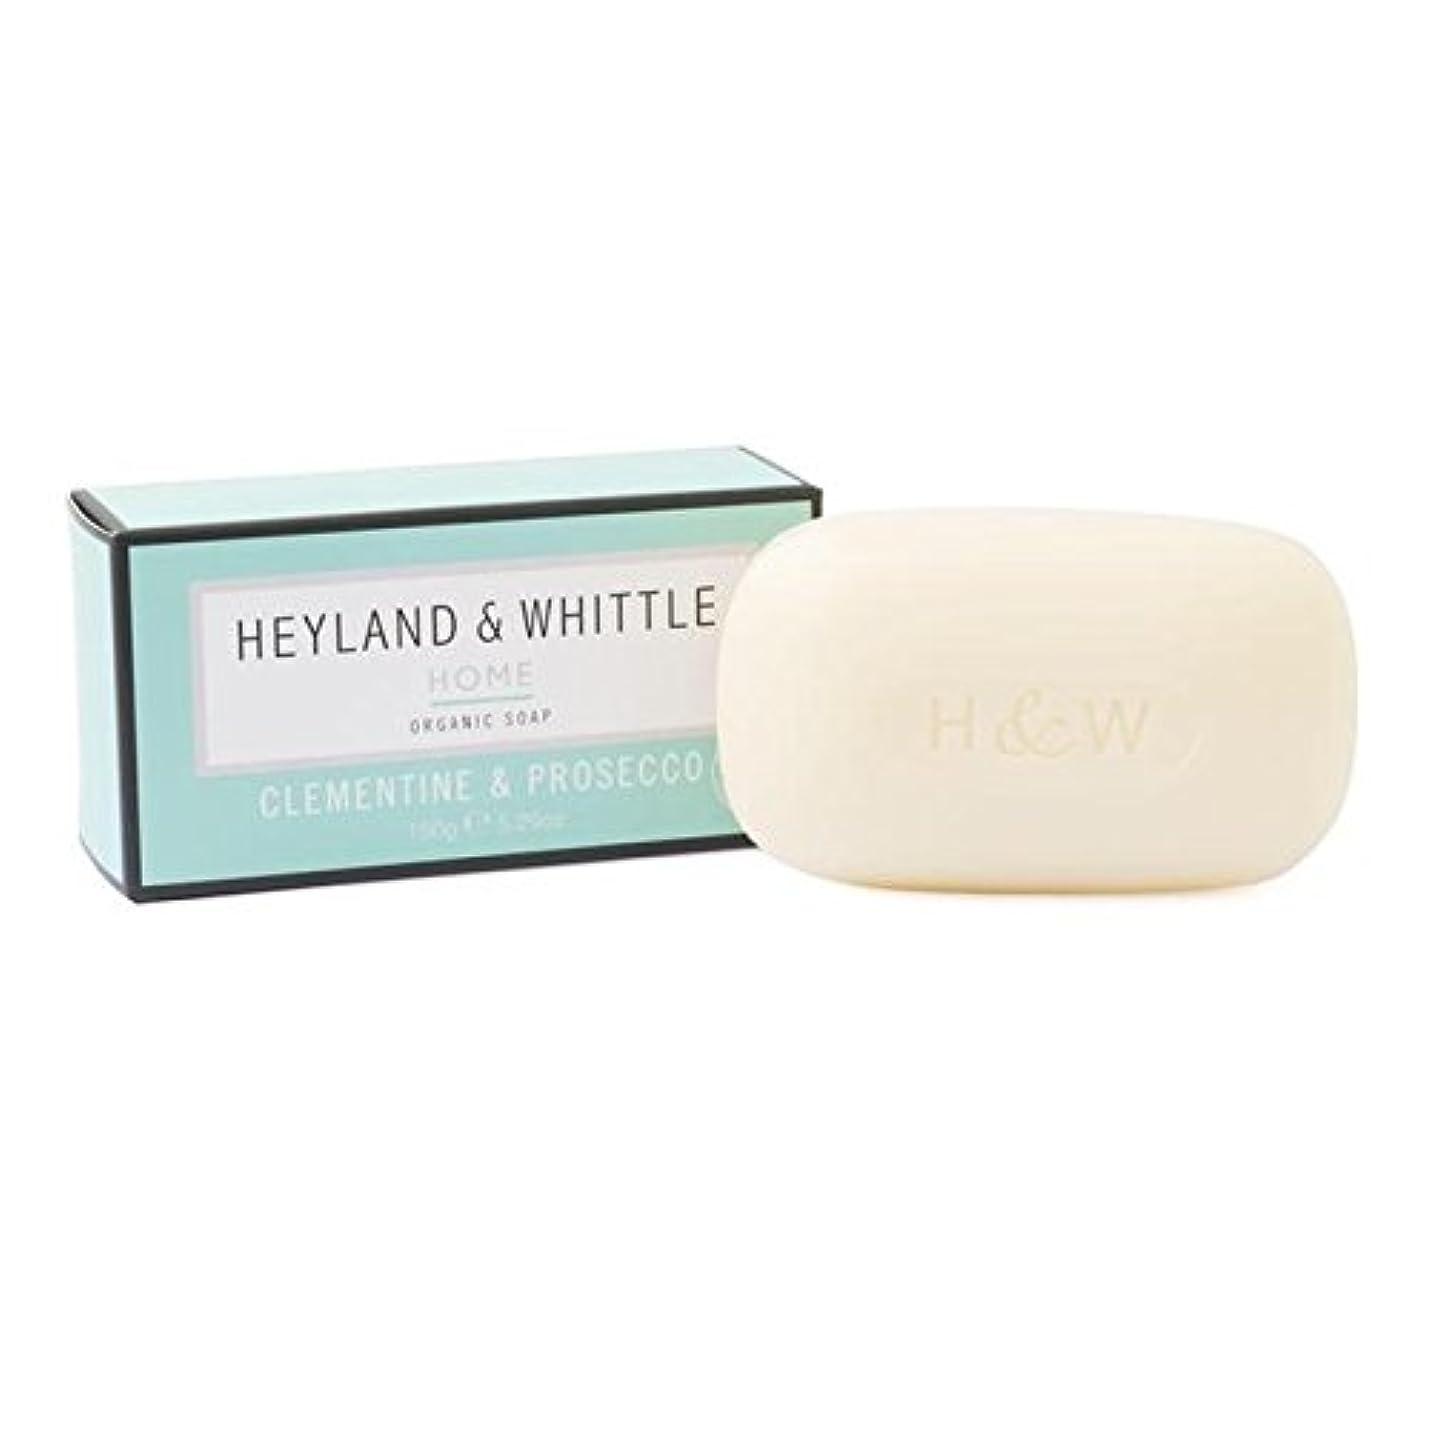 通行人海洋無効&削るホームクレメンタイン&プロセッコ有機石鹸150グラム x4 - Heyland & Whittle Home Clementine & Prosecco Organic Soap 150g (Pack of 4)...